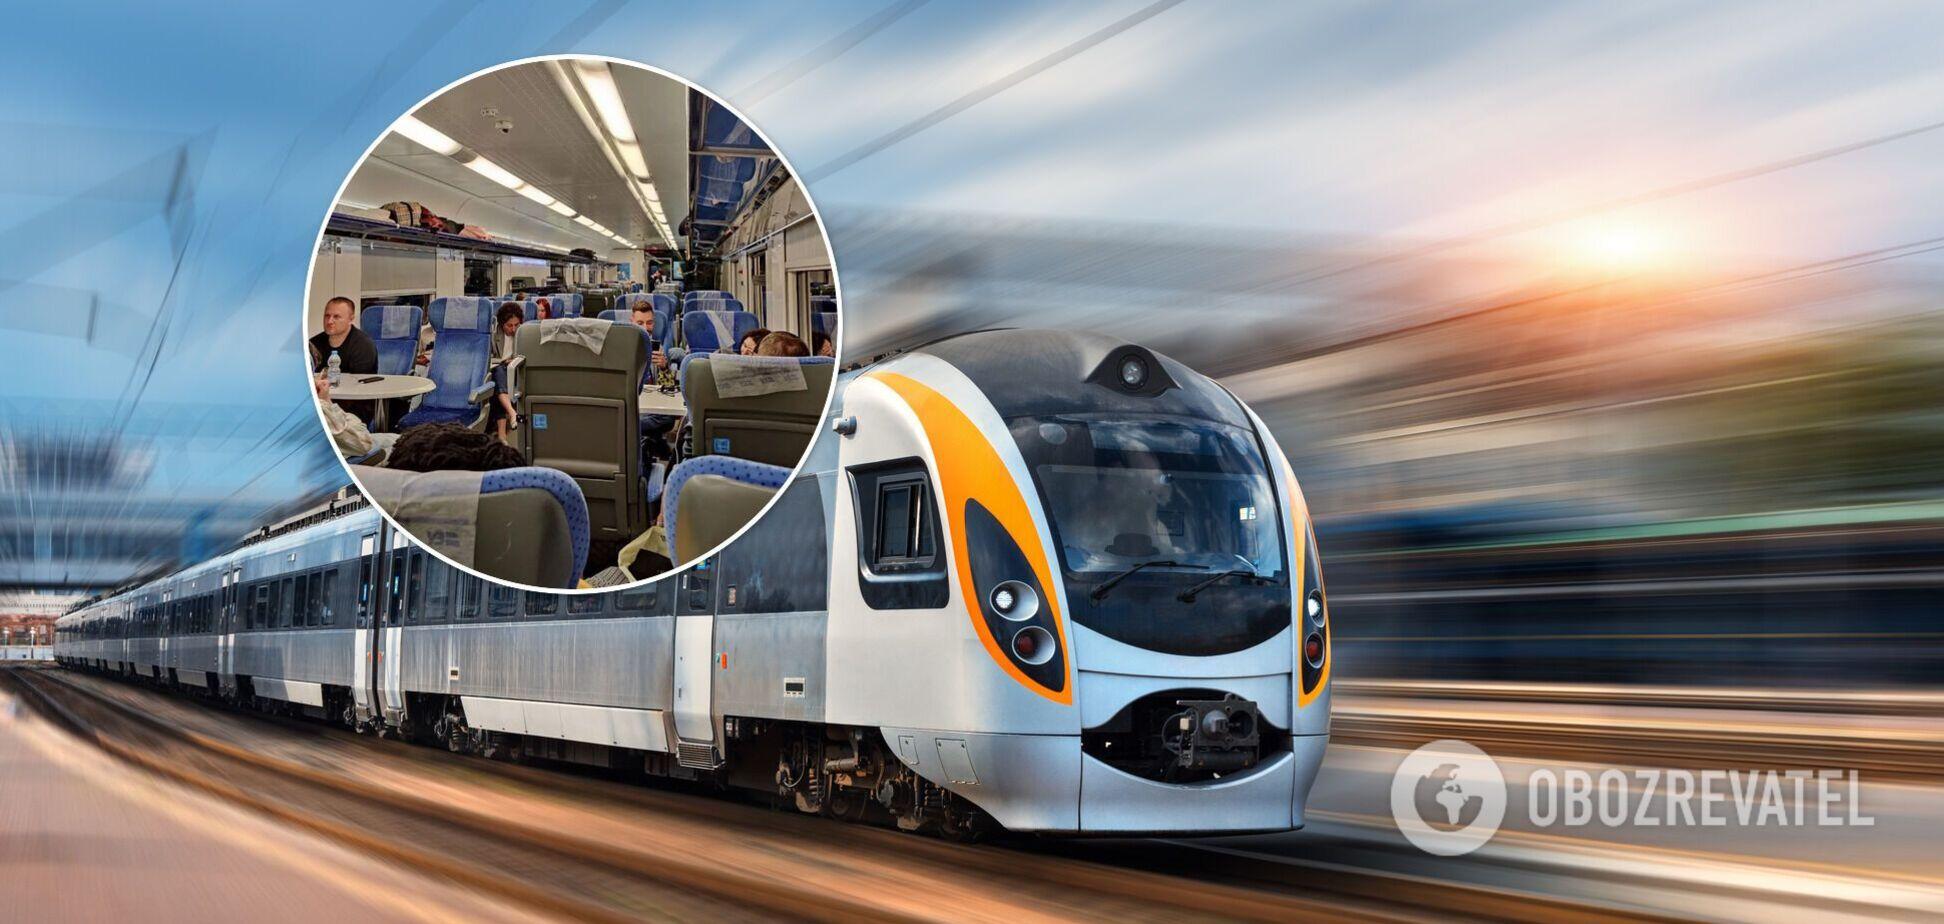 Пасажири 'Інтерсіті+' стали 'заручниками' в застряглому дорогою до Одеси поїзді. Фото